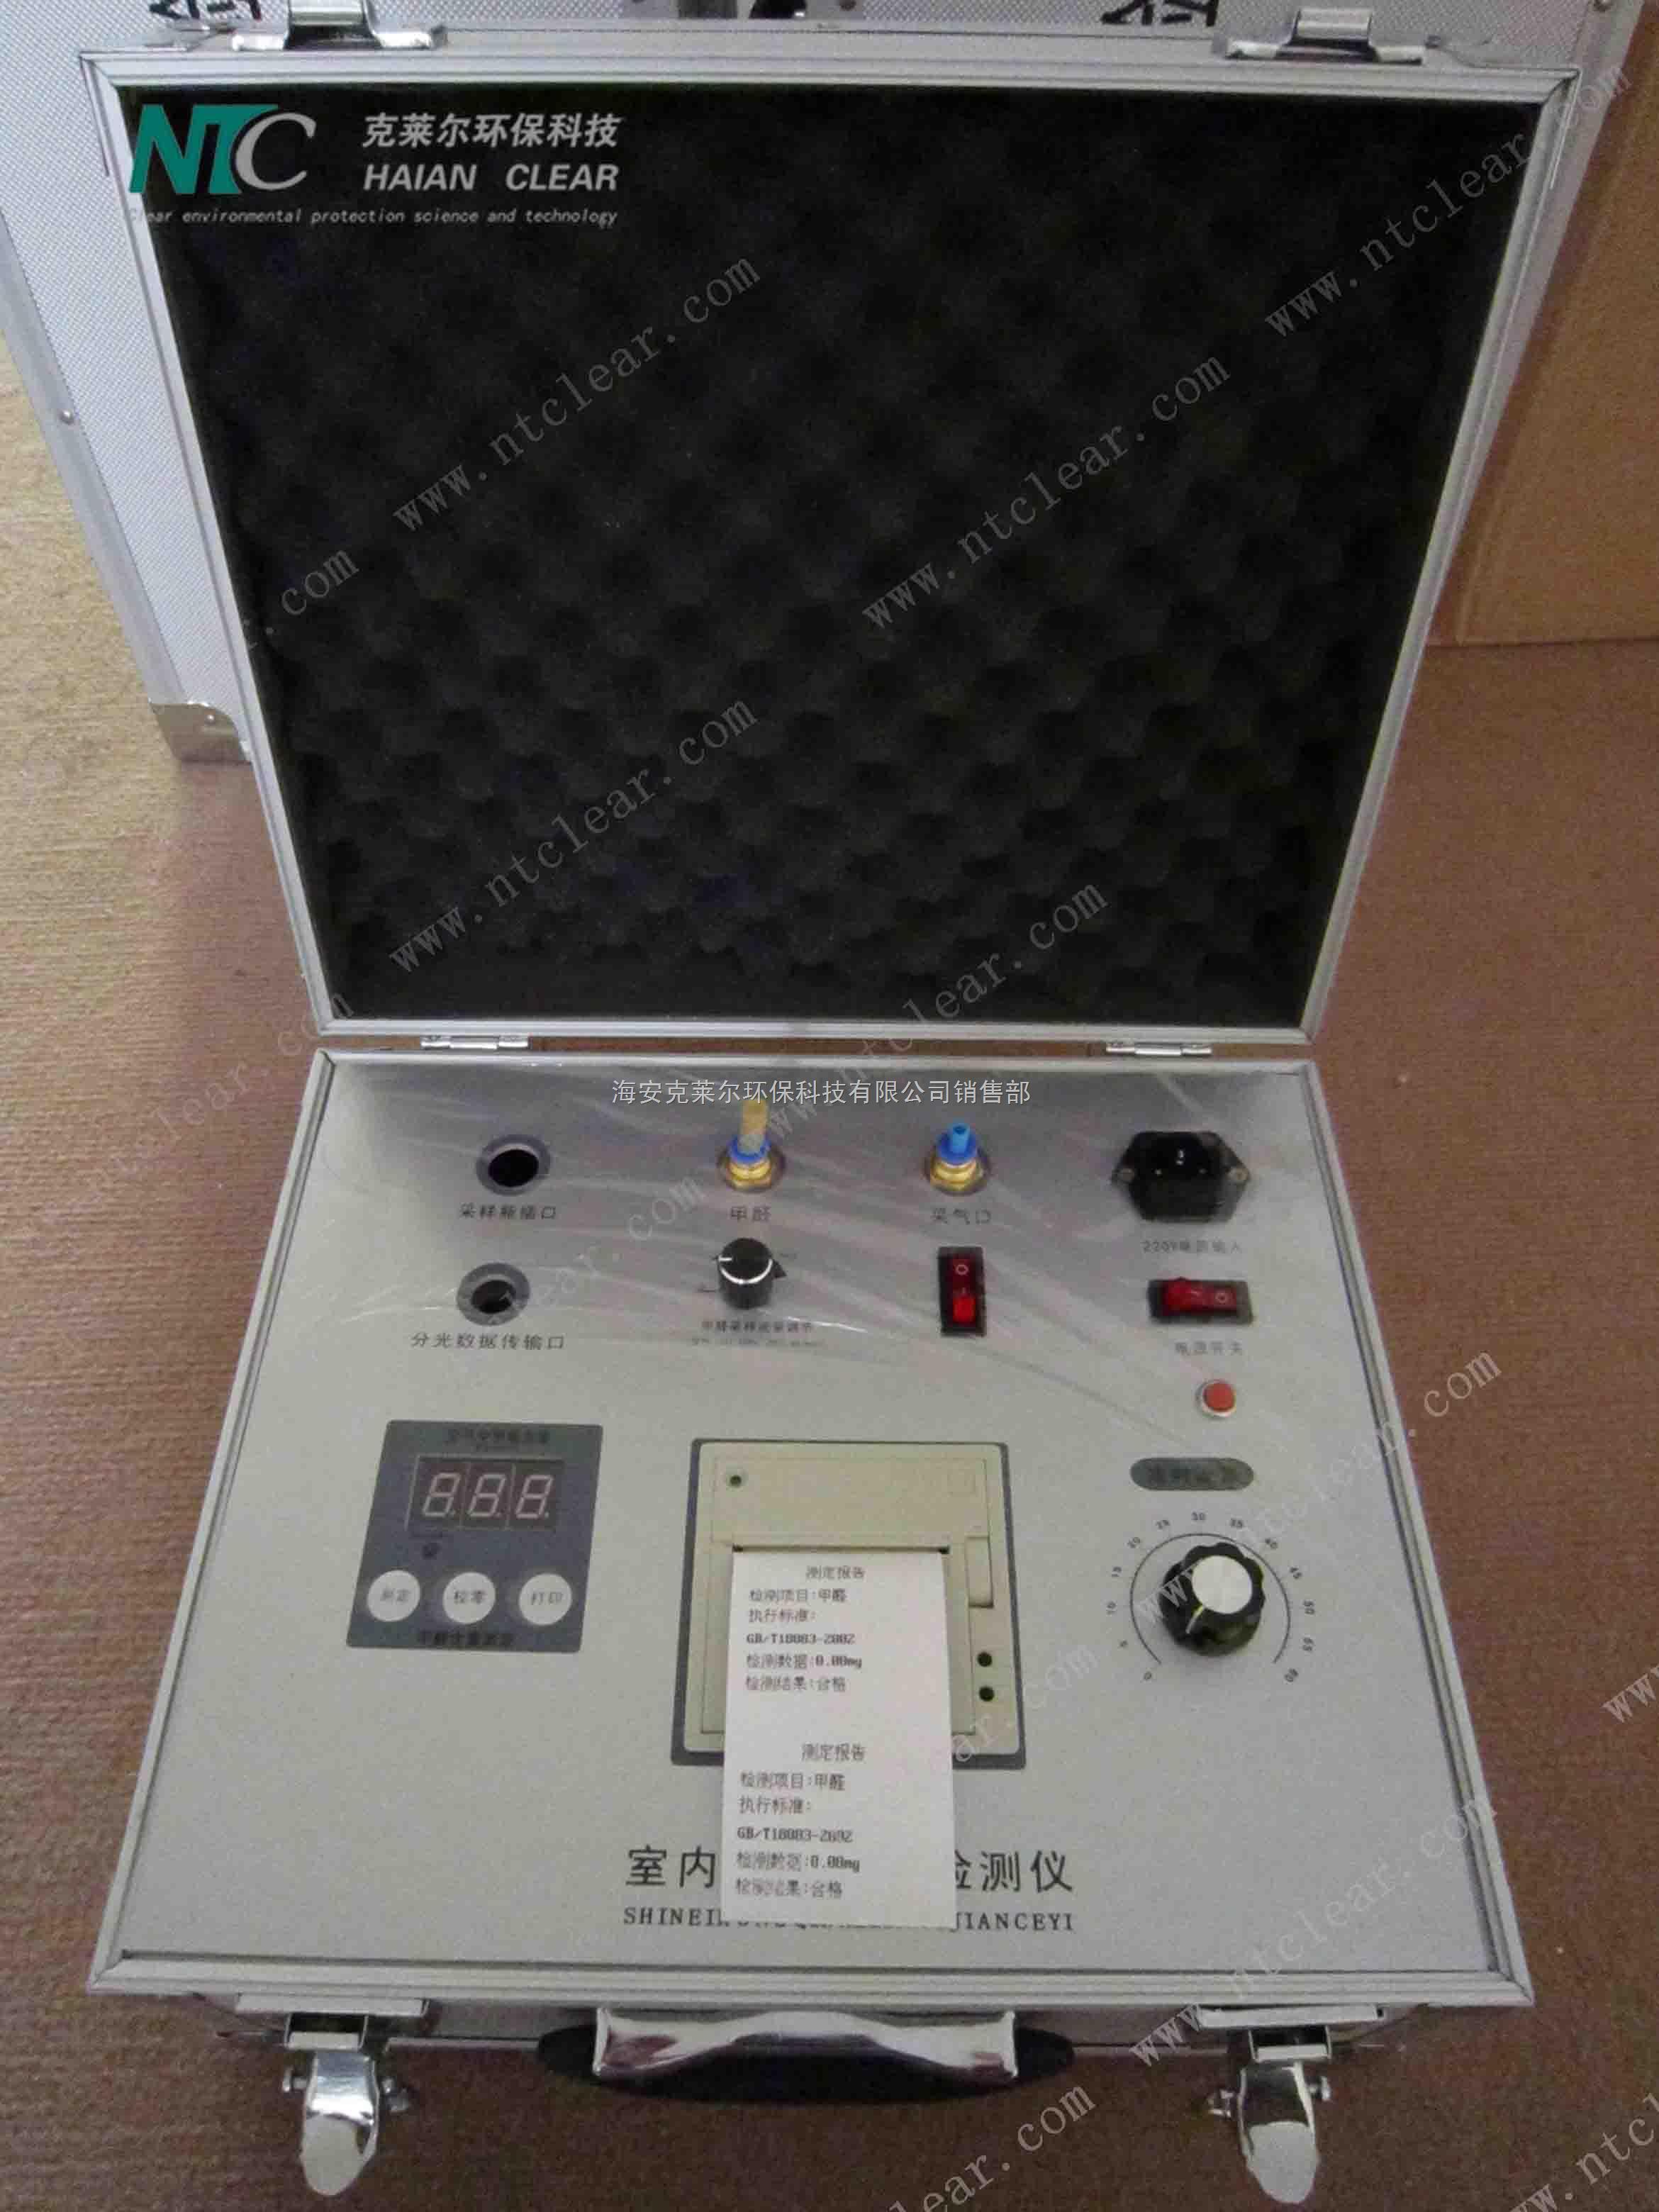 NTC-1-岳陽常德張家界氣體分析儀|六合一甲醛檢測儀|八合一甲醛檢測儀